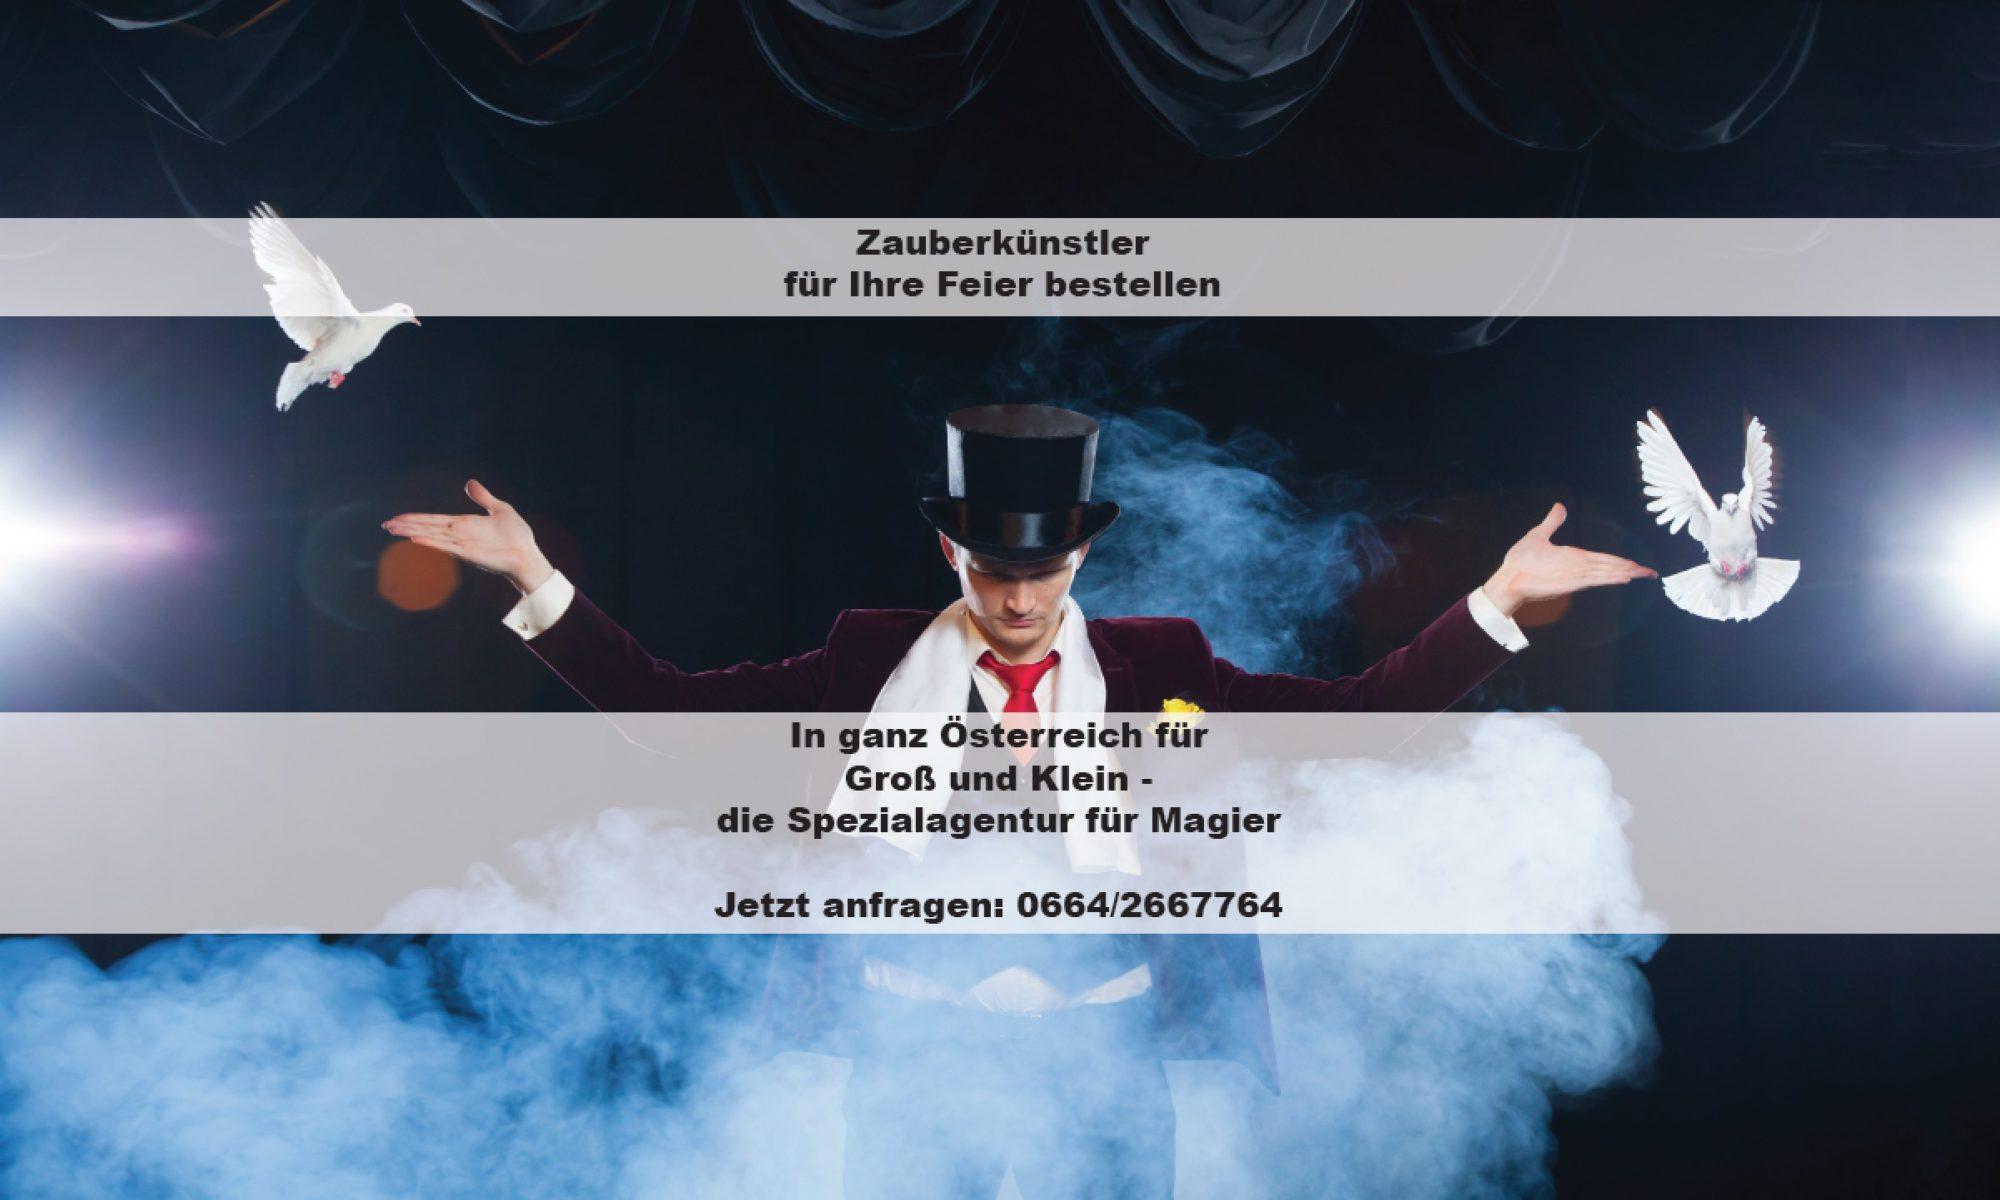 Zauberer für Ihre Feier bestellen, Zaubershow Wien, Zauberer Wien, Zaubern lernen, Zauberschule, Magier, Zauberer buchen, Zauberer Kindergeburtstag, Zauberer Hochzeit, Zauberer Weihnachtsfeier